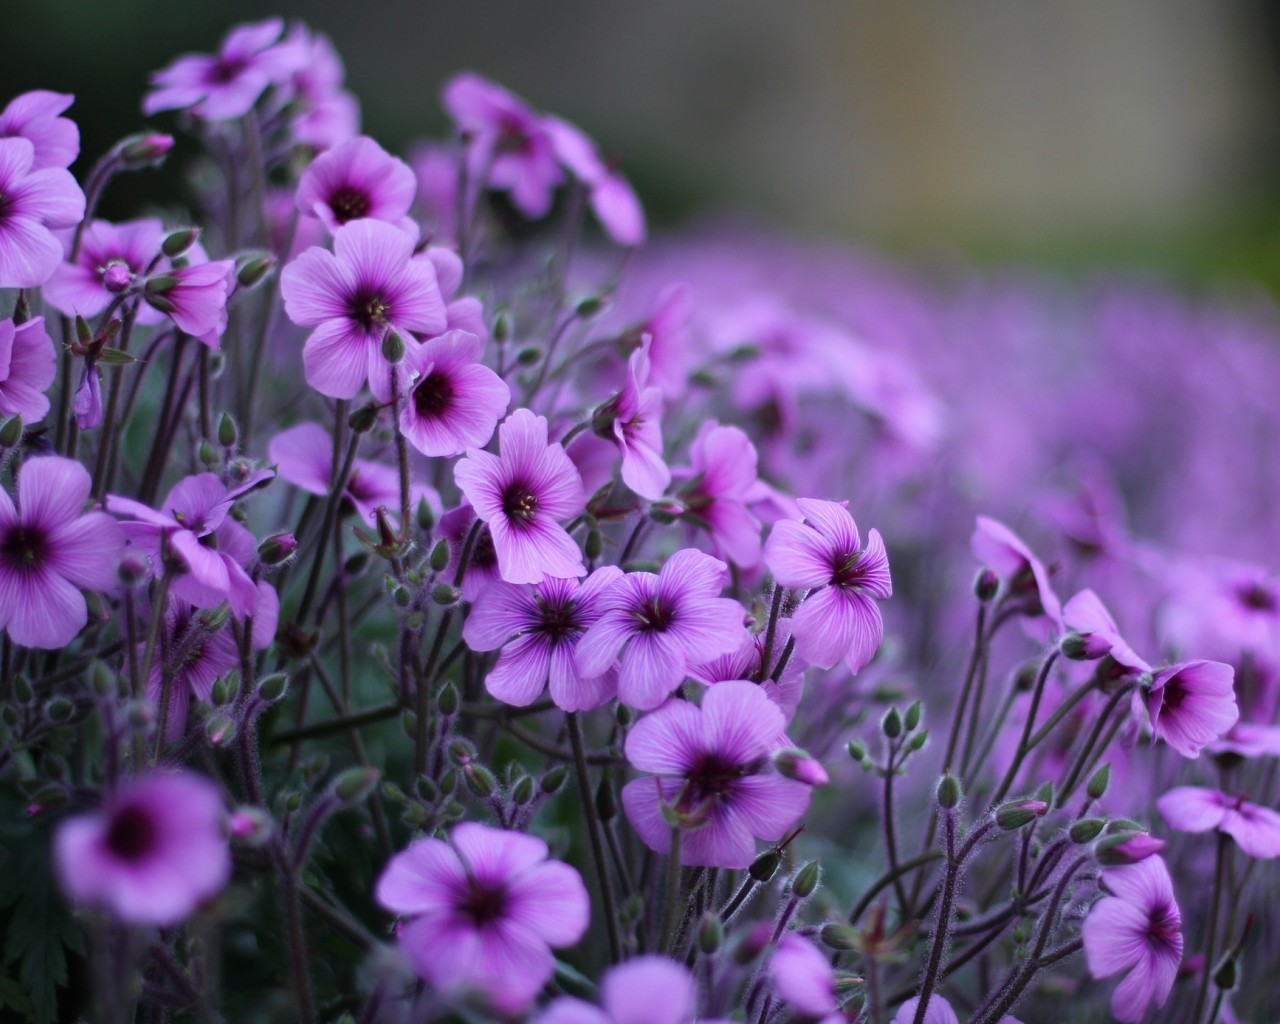 48037 скачать обои Растения, Цветы - заставки и картинки бесплатно